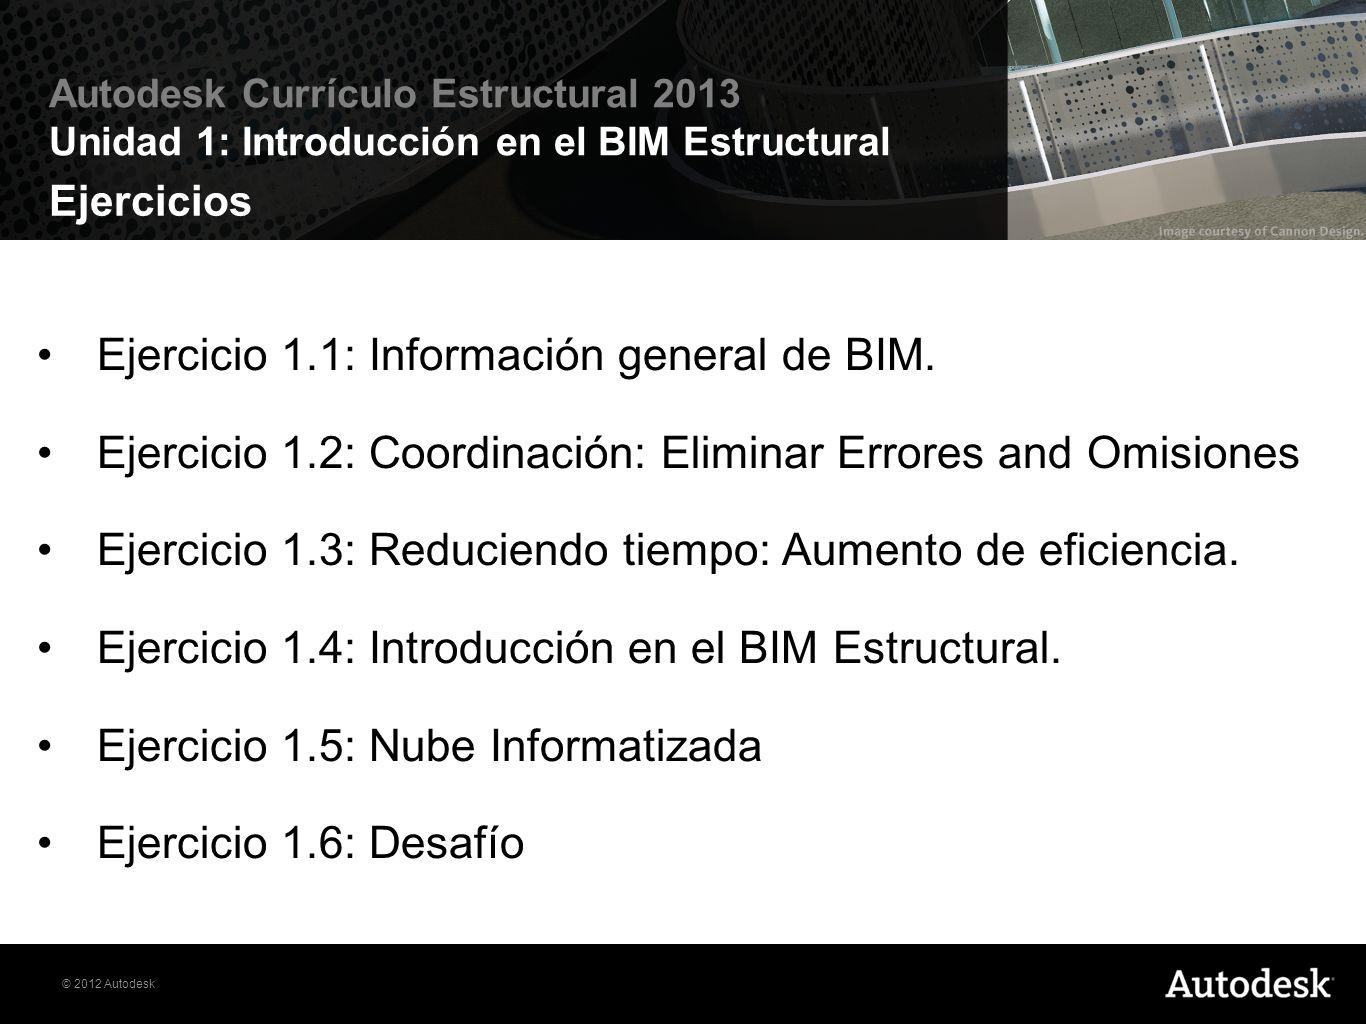 Ejercicio 1.1: Información general de BIM.